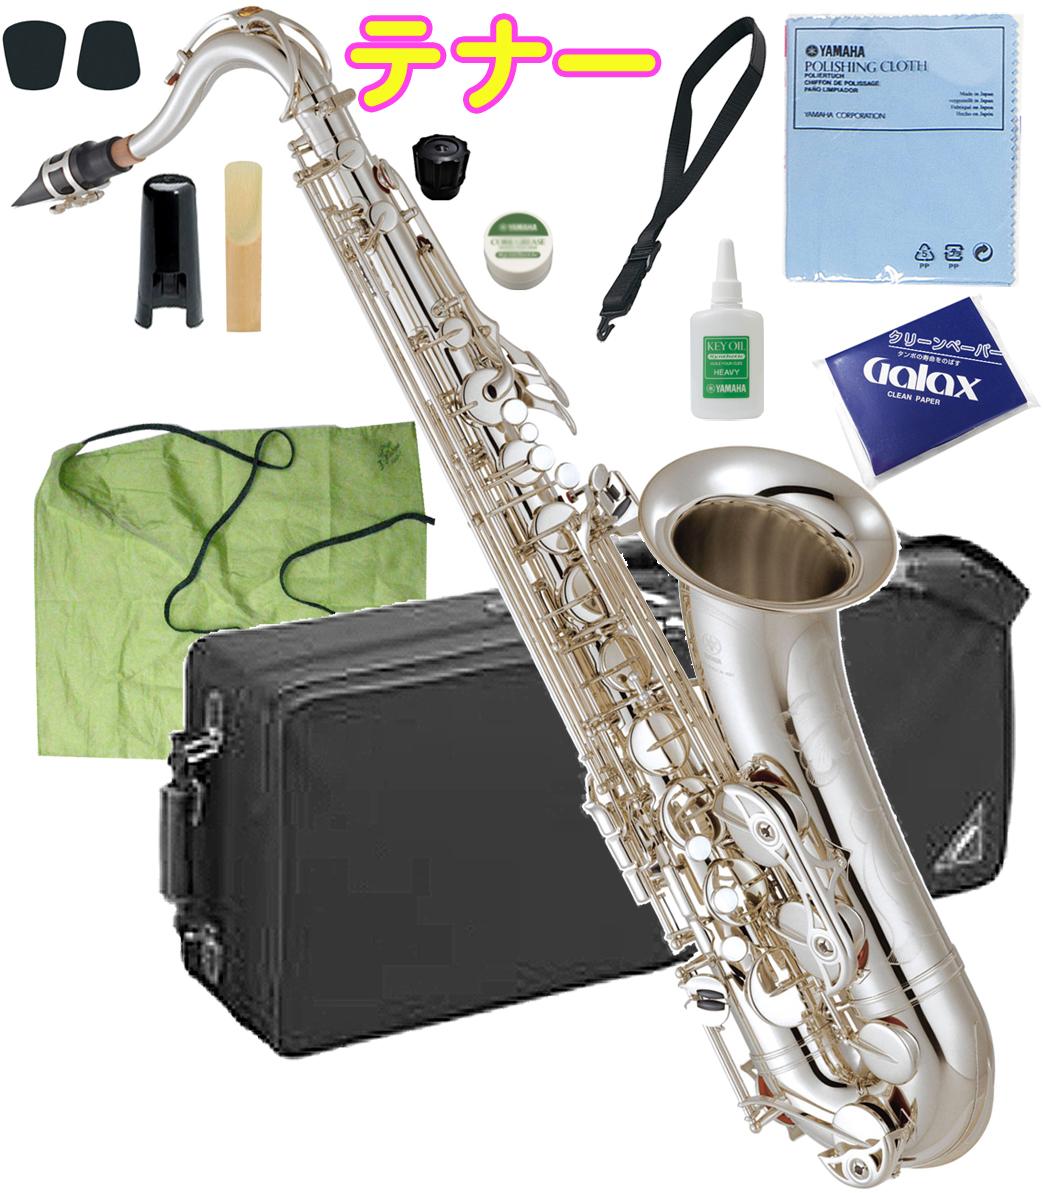 62シリーズ 本体 TS-4C tenor saxophonemade in Japan YAMAHA ( ヤマハ ) YTS-62S テナーサックス 新品 銀メッキ 日本製 管楽器 サックス 管体 シルバーメッキ テナーサクソフォン 正規品 【 YTS62S セット A】 送料無料